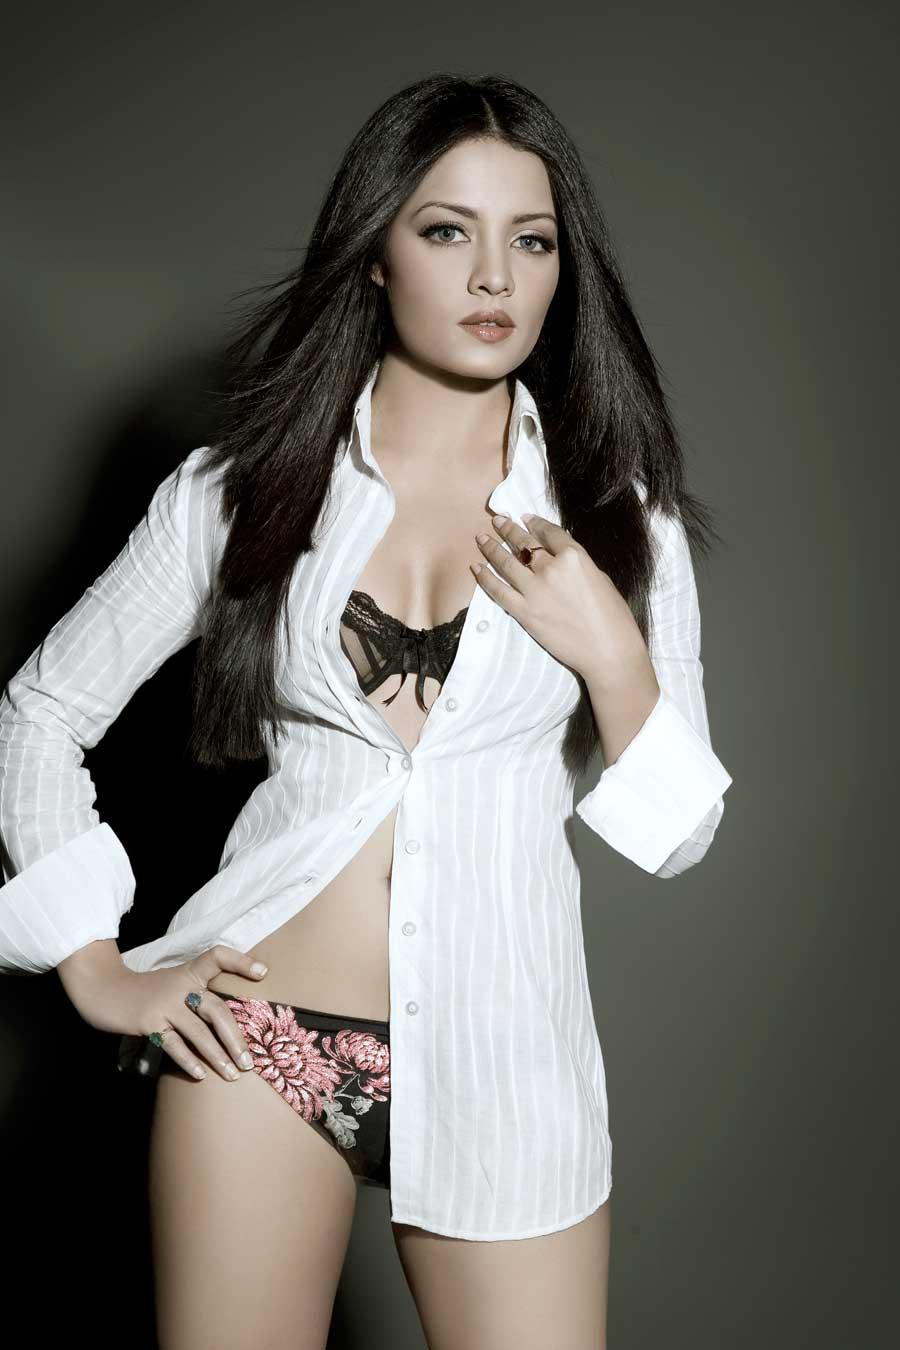 Celina Jaitley Hot Pics